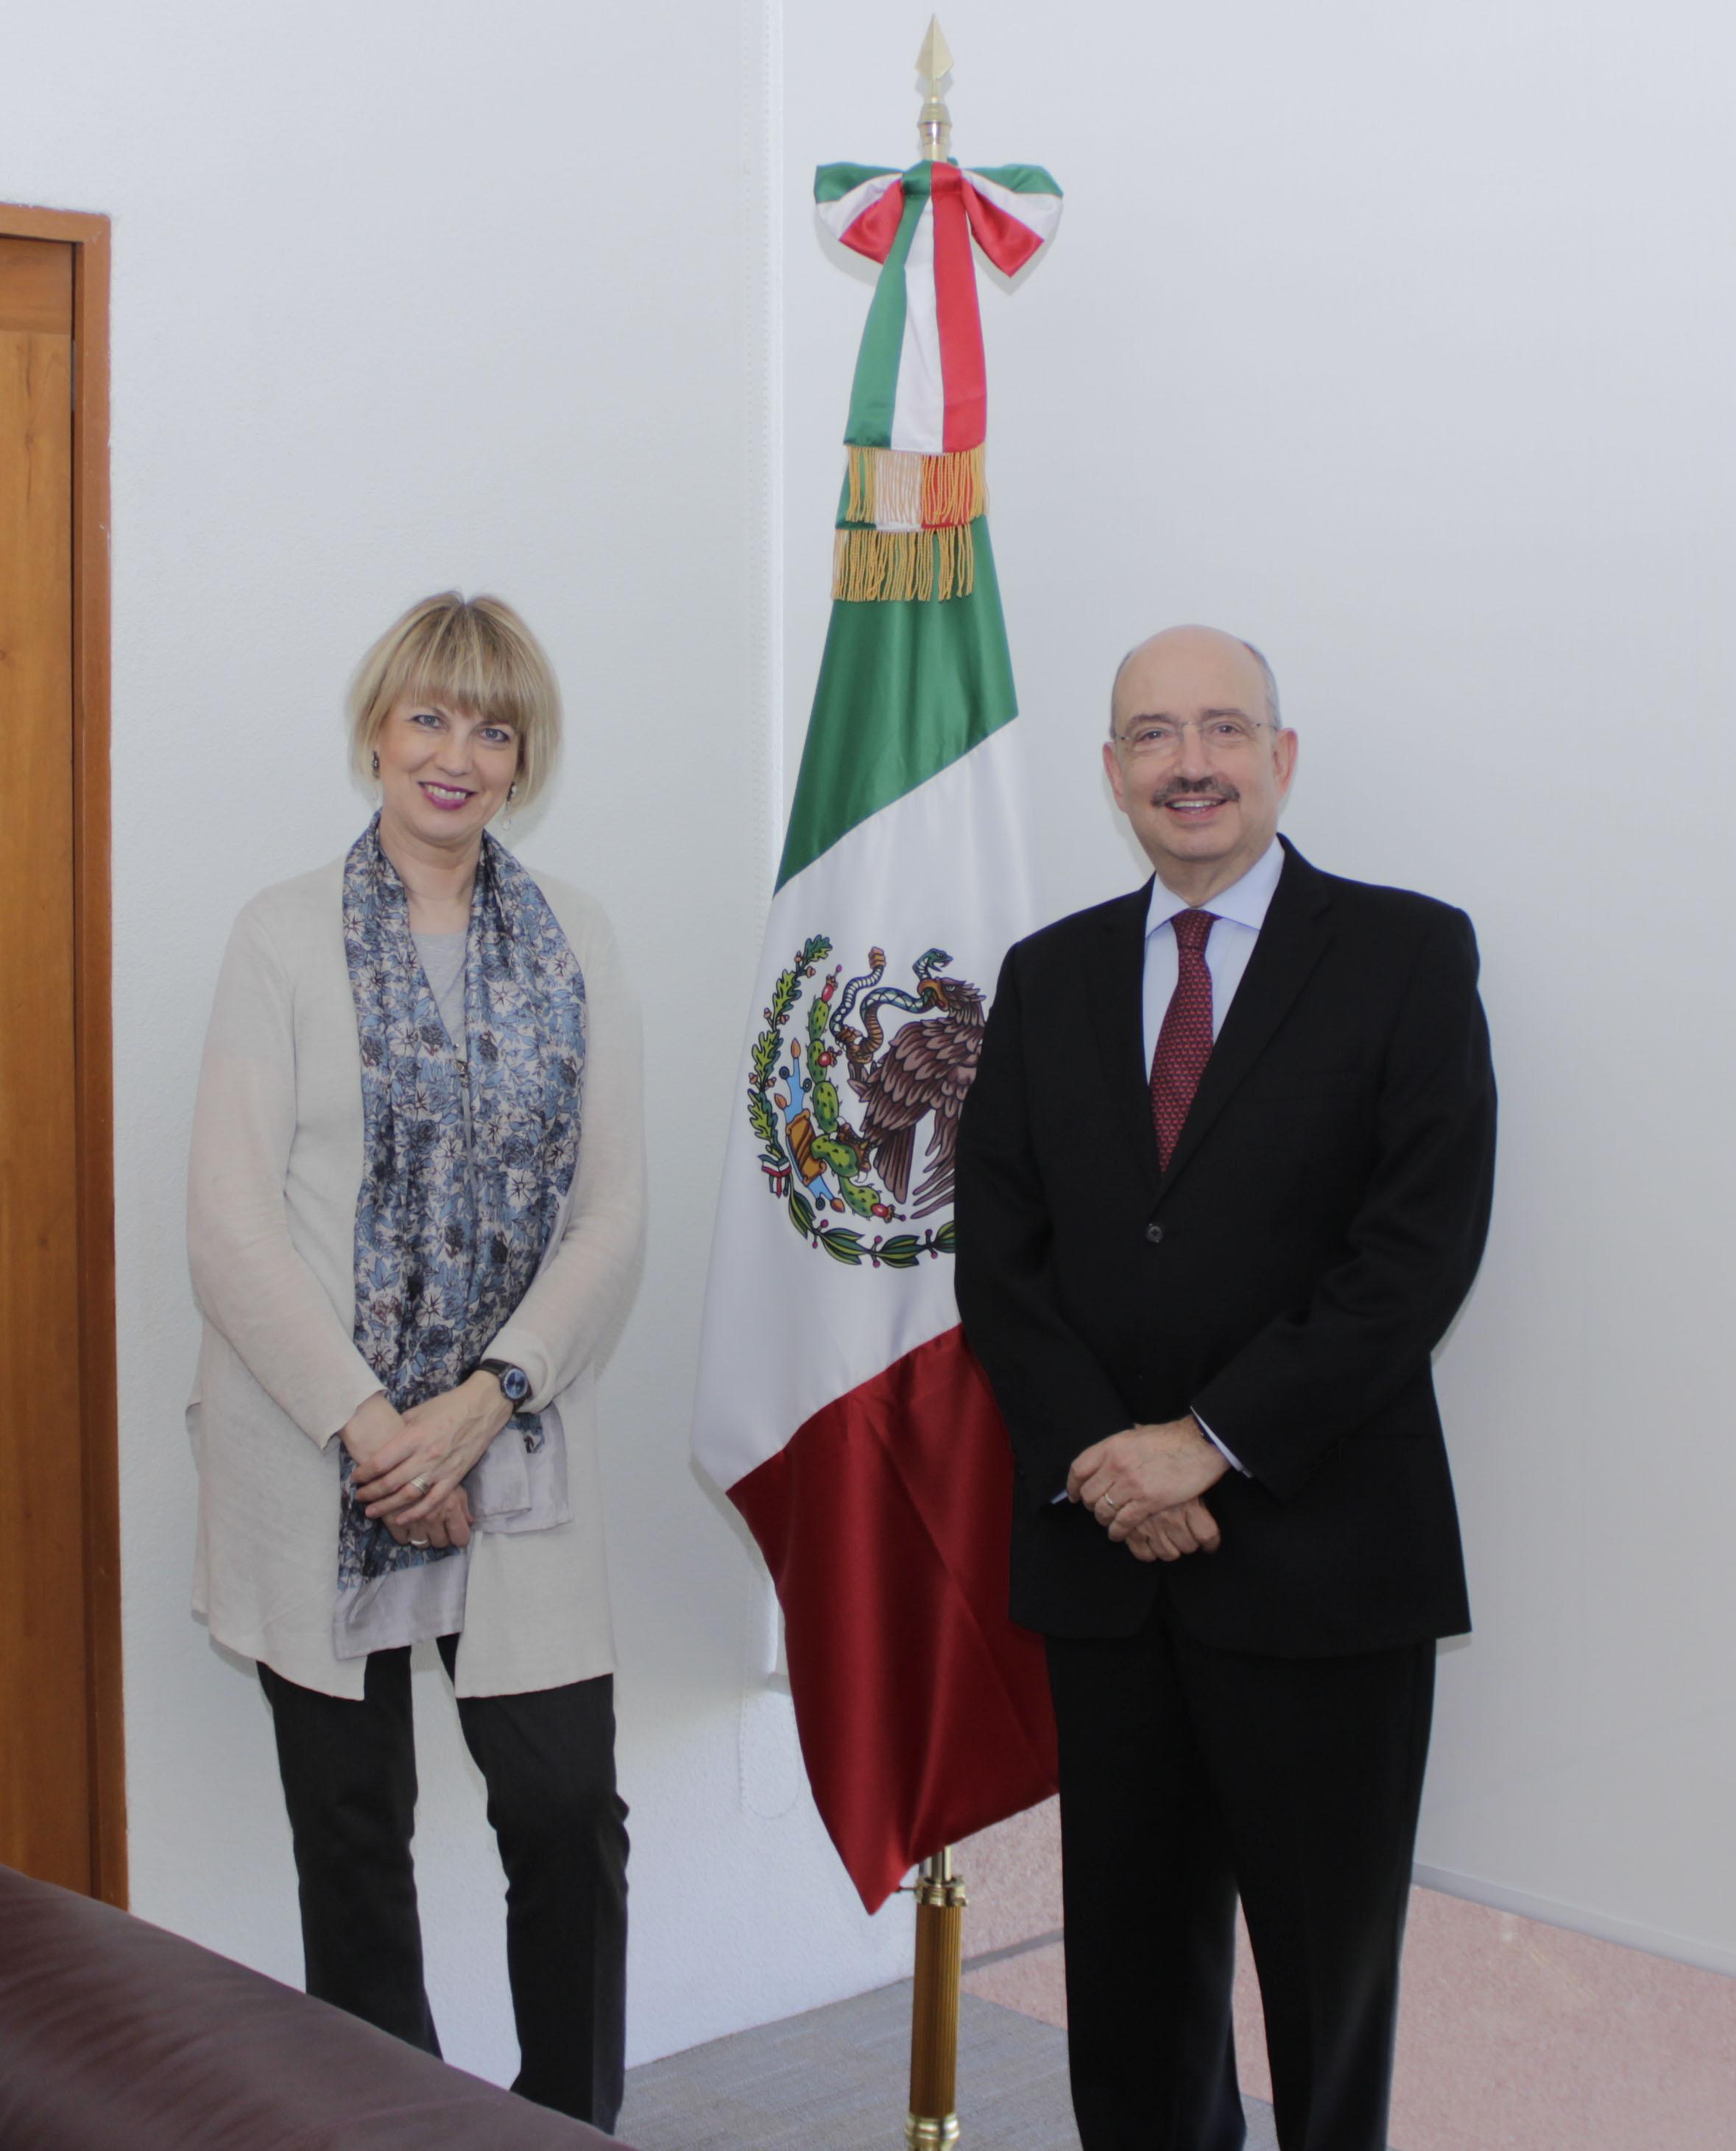 FOTO Embajador Carlos de Icaza y la Secretaria General Adjunta del Servicio Europeo de Acci n Exterior  Helga Schmid.jpg